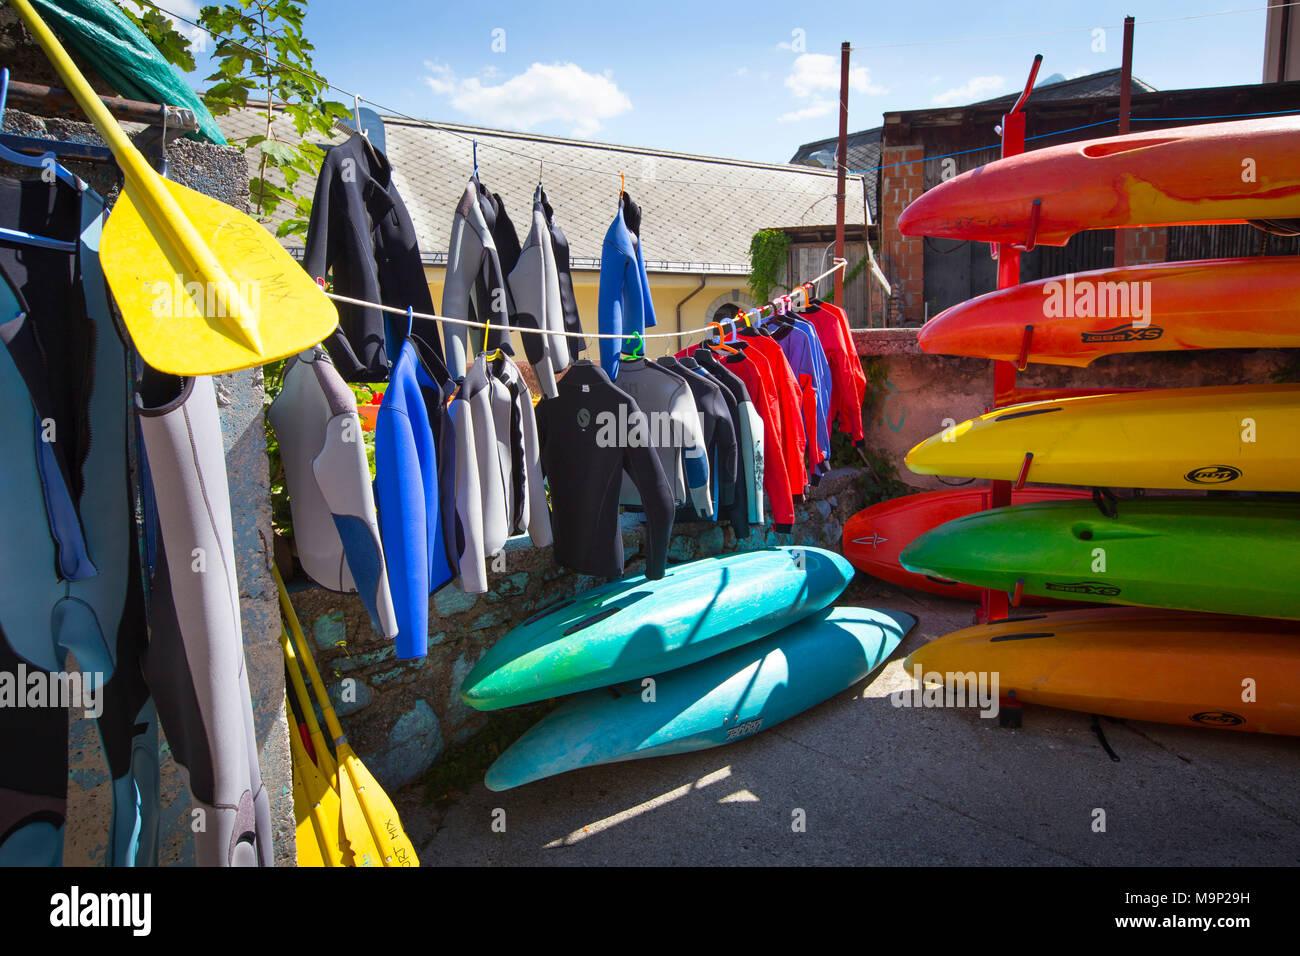 Kajaks, Kanus, Wetsuits und peddles sind Trocknen im Garten von Wassersport unternehmen Sport Mix in Bovec. Die smaragdgrüne Soca in Slowenien, in der Triglav Gebirge mit Ursprung, ist berühmt für alle Arten von Wassersport. Stockbild